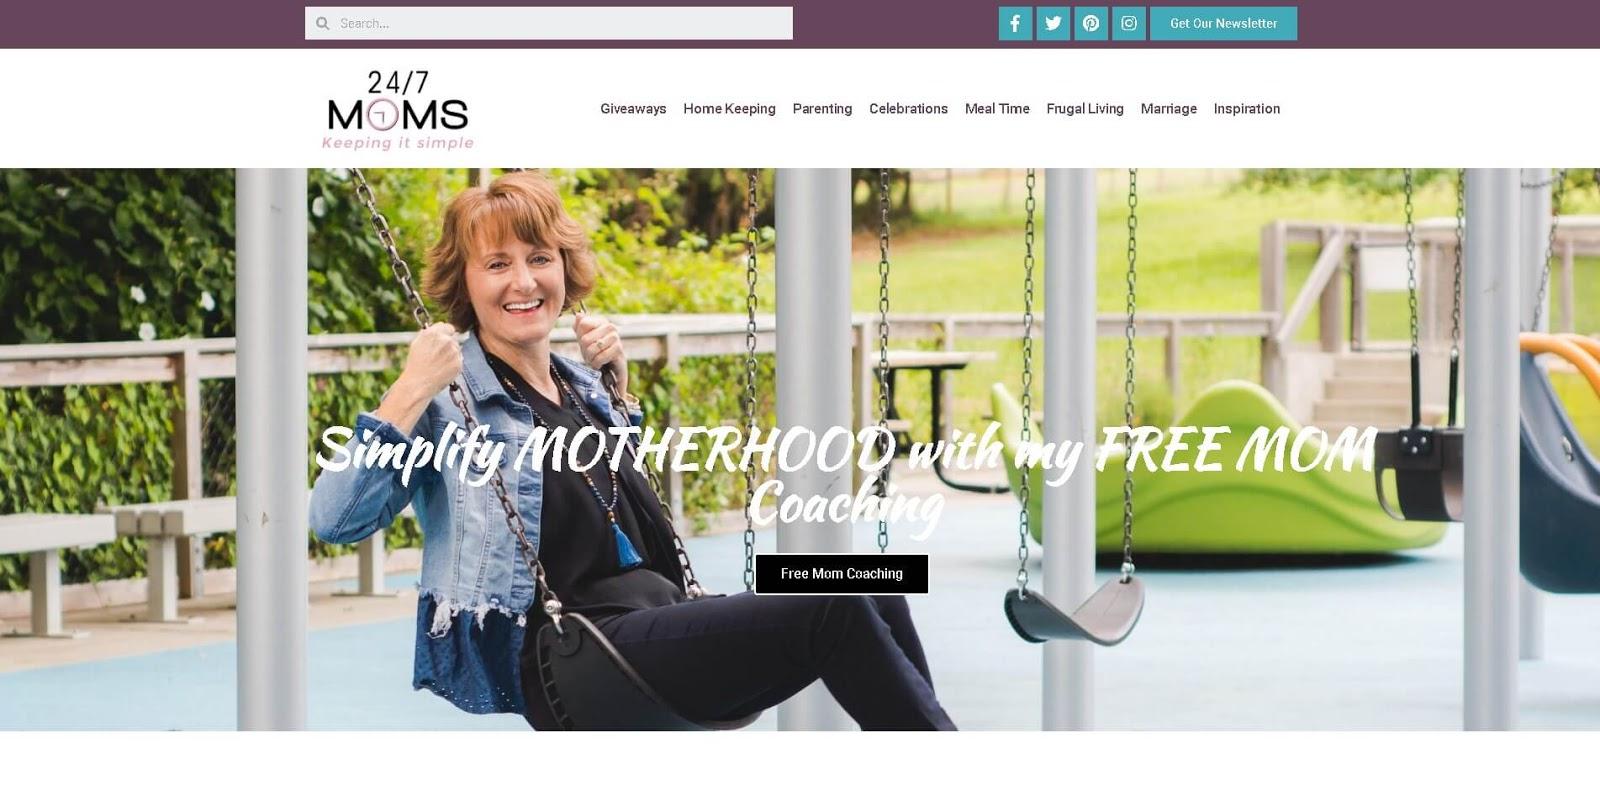 luchshie-blogi-mam-glavnaya-stranicza-24--7moms-skrinshot